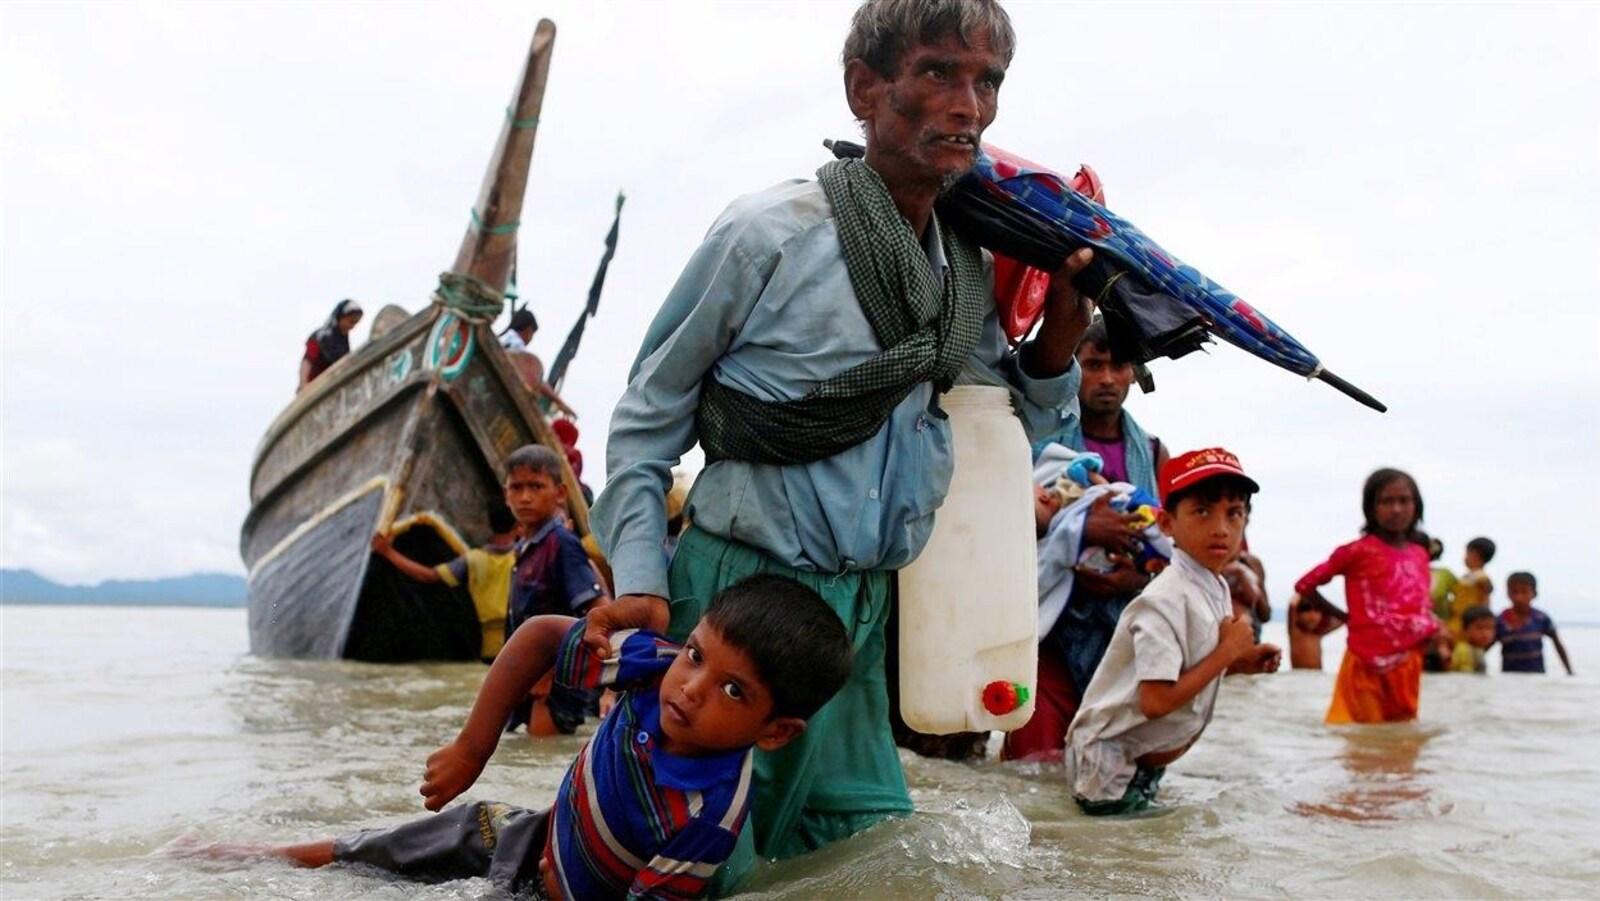 Un réfugié rohingya ayant de l'eau jusqu'aux genoux tire un jeune enfant par le bras.